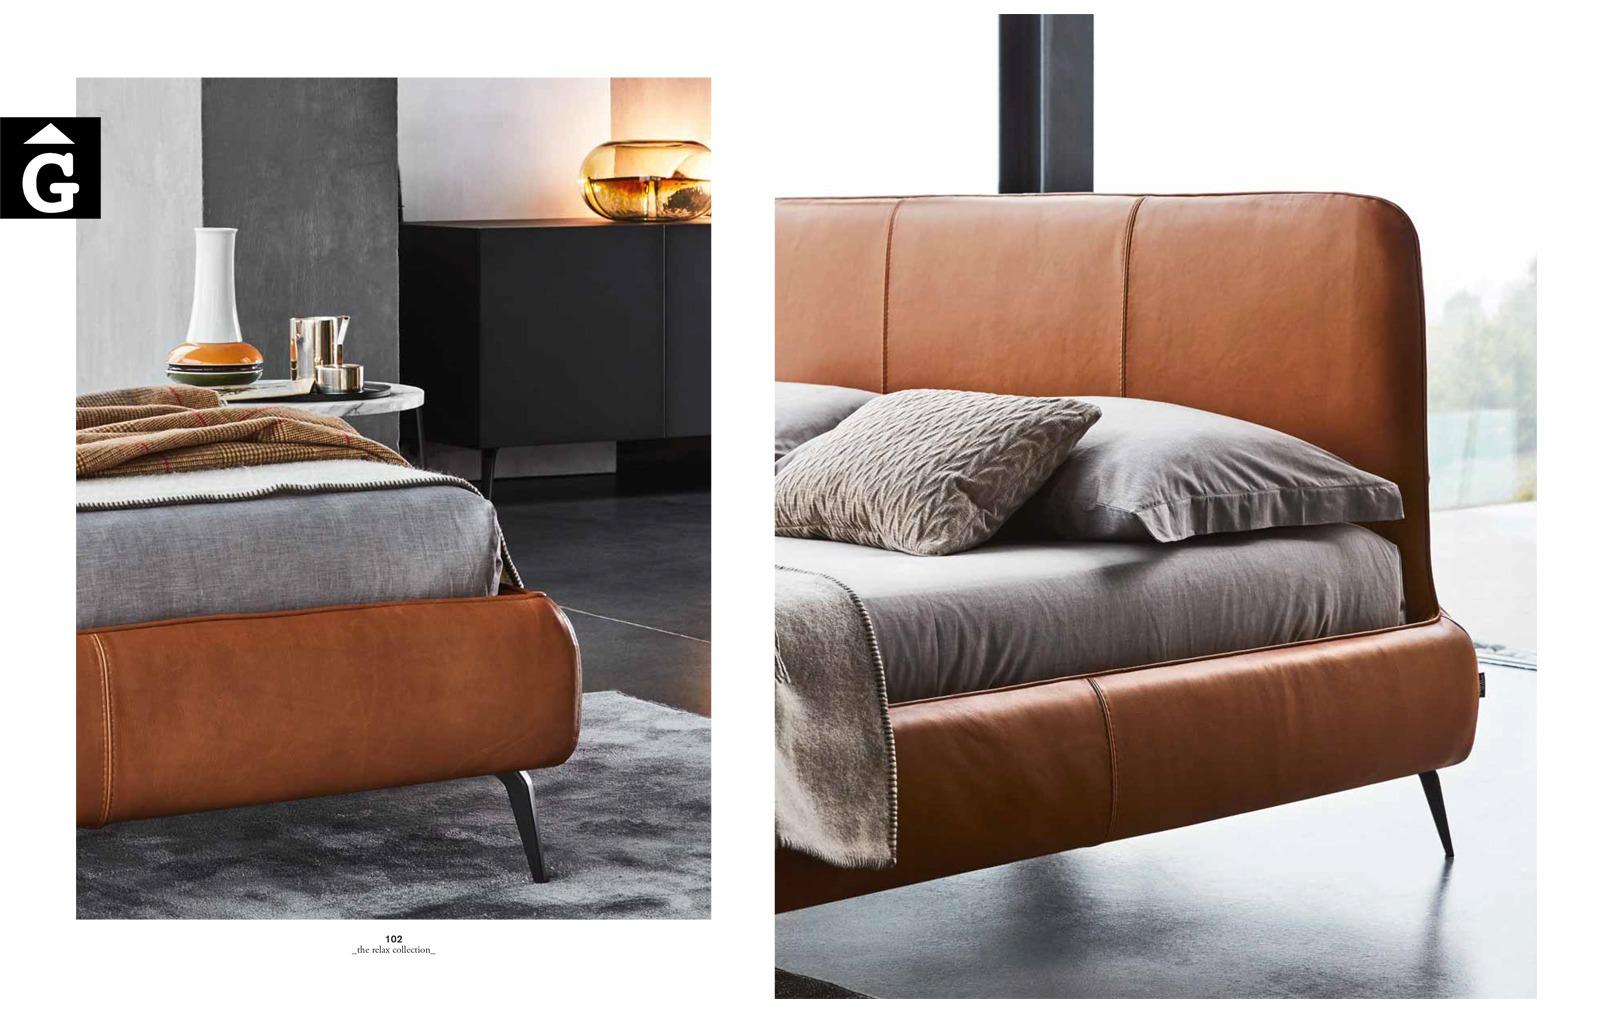 Llit entapissat Aris detalls pell - Ditre Italia llits entapissats disseny i qualitat alta by mobles Gifreu